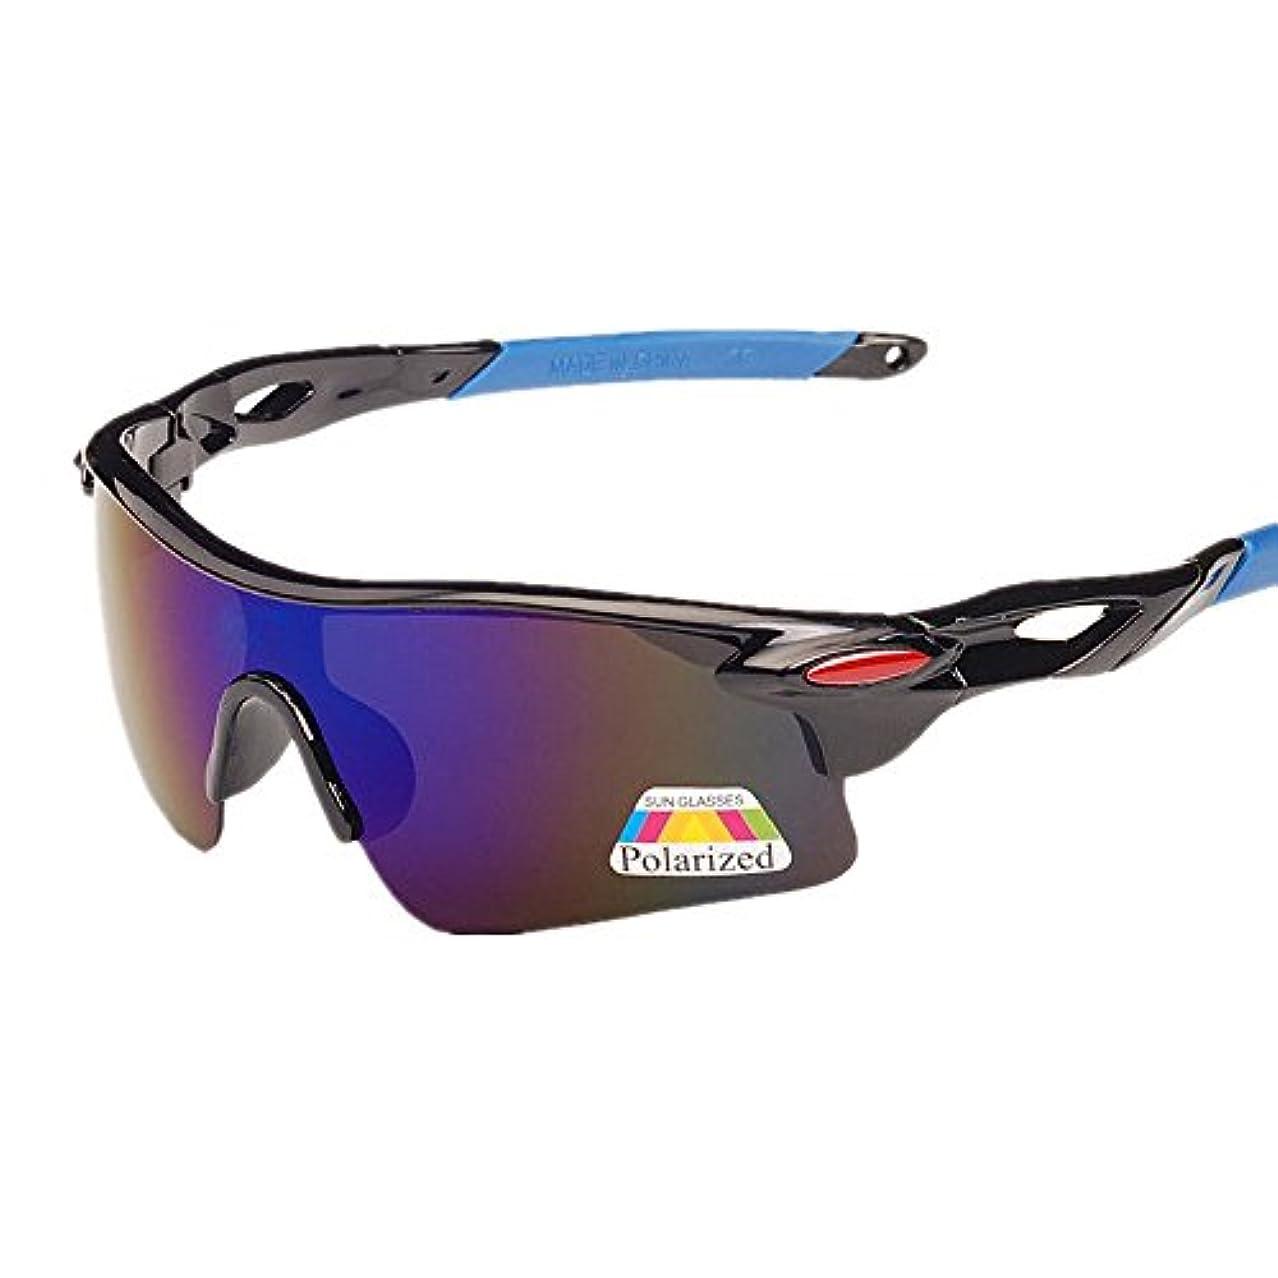 せせらぎ盆地冗長サイクリンググラス スポーツサングラス偏光UV400色付きレンズセミリムレス保護運転サイクリングランニングフィッシングゴルフ スポーツサングラス (Color : Blue mercury)